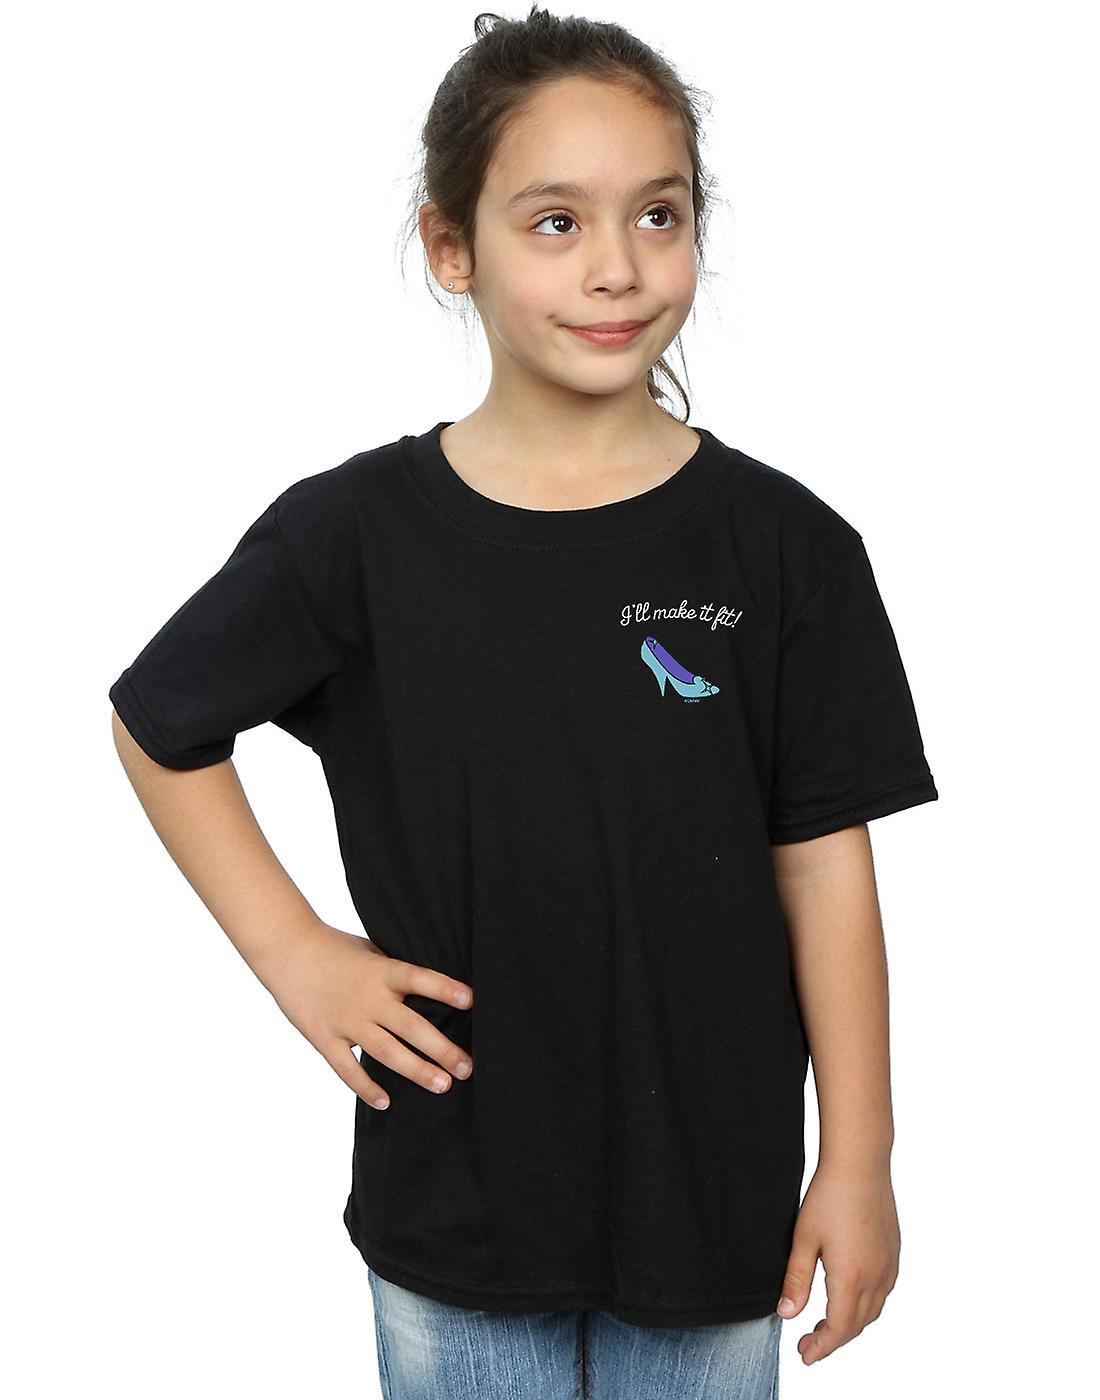 Disney Princess Girls I'll Make It Fit Breast Print T-Shirt